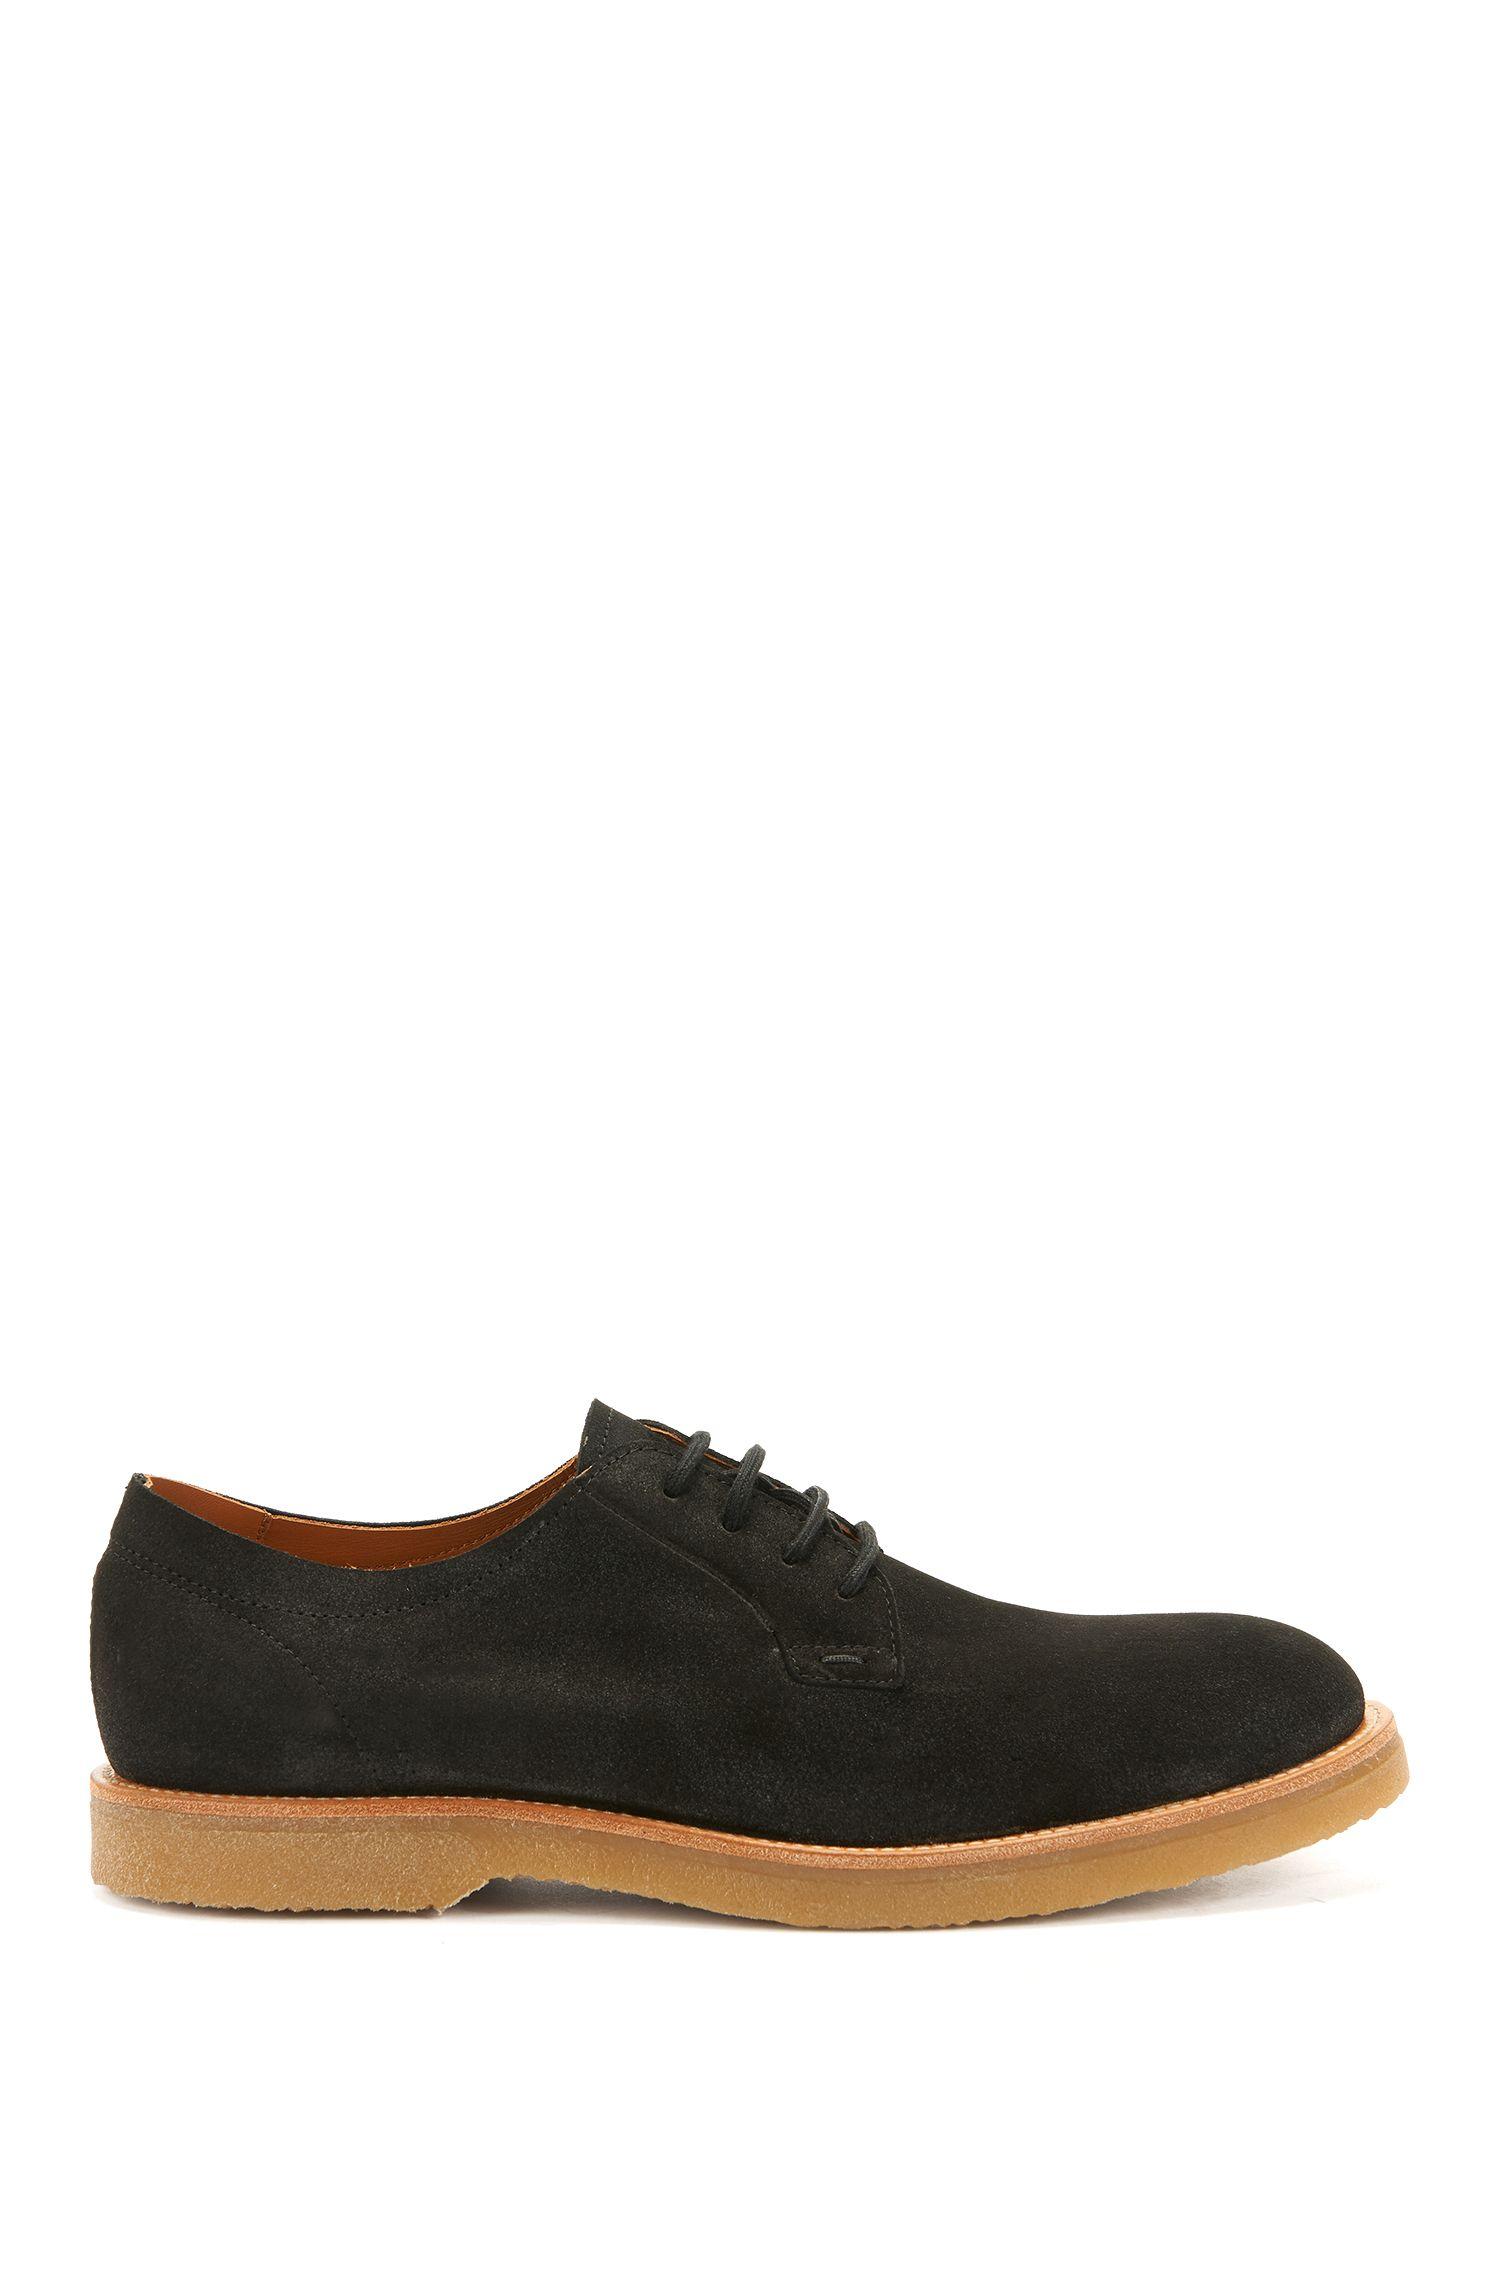 Zapatos Derby de ante con cordones y suela de goma